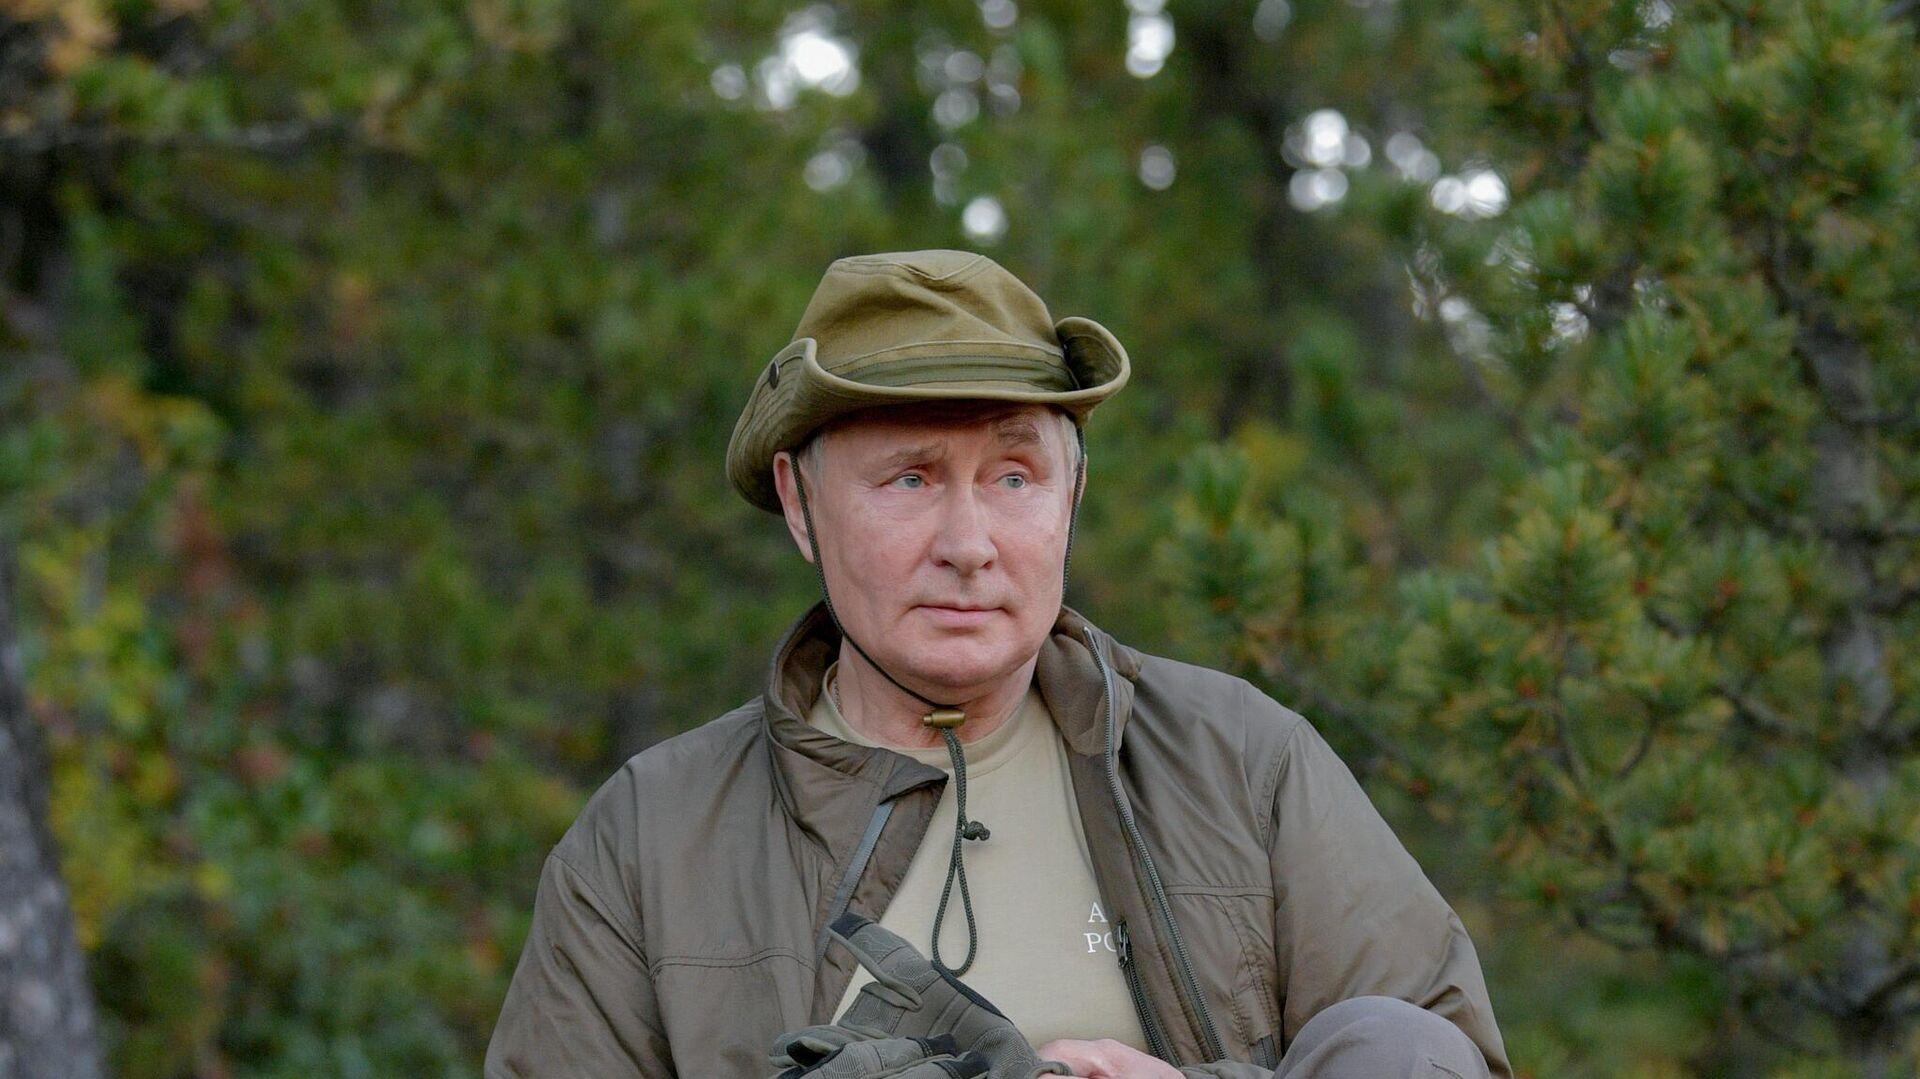 Председник Русије Владимир Путин на одмору у Сибиру - Sputnik Србија, 1920, 27.09.2021